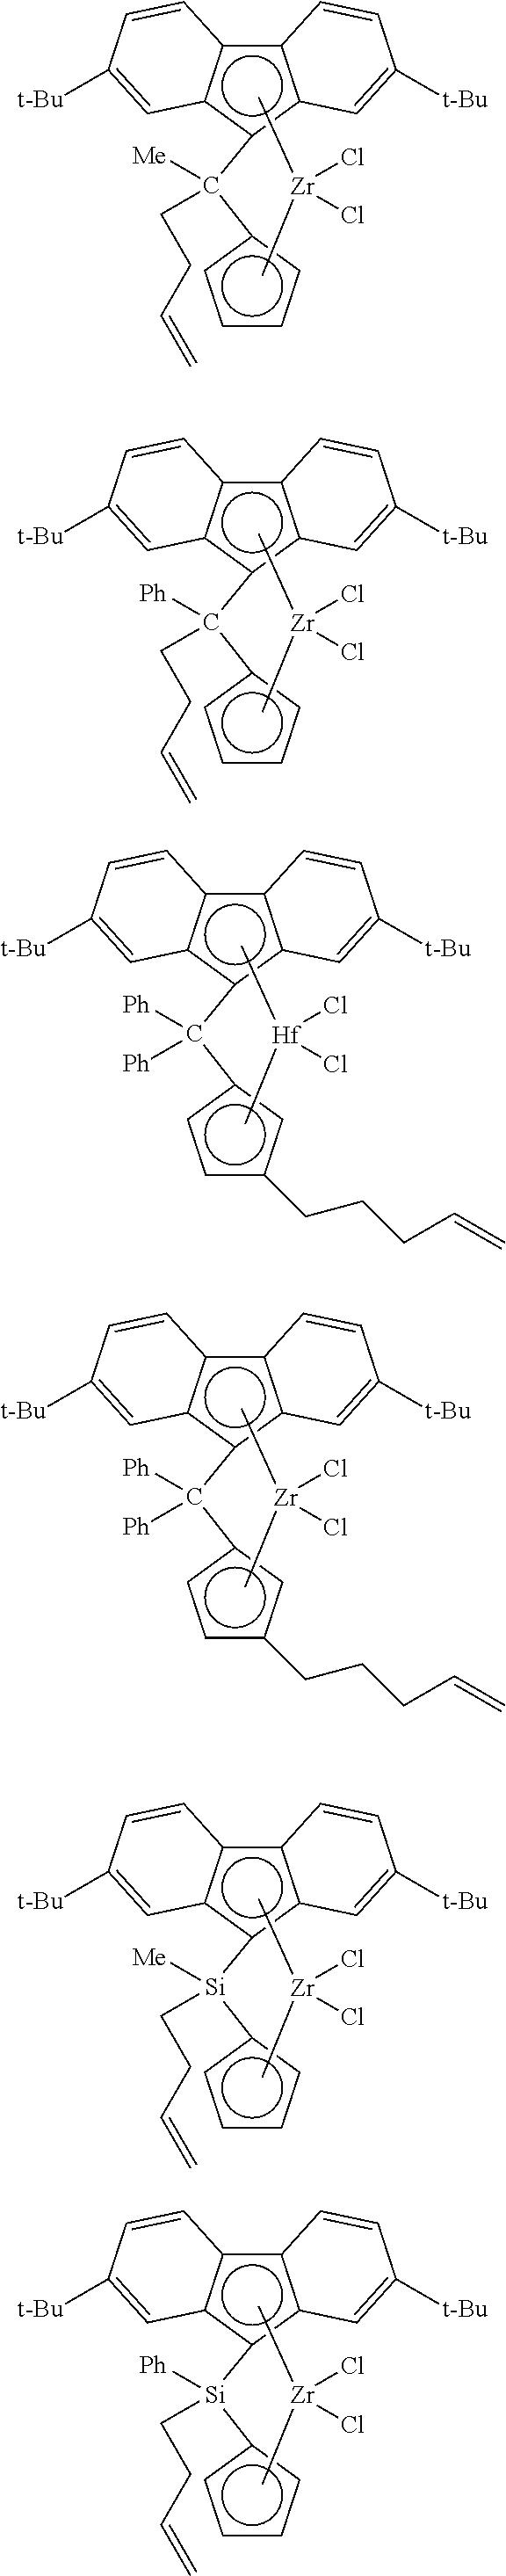 Figure US09650459-20170516-C00006